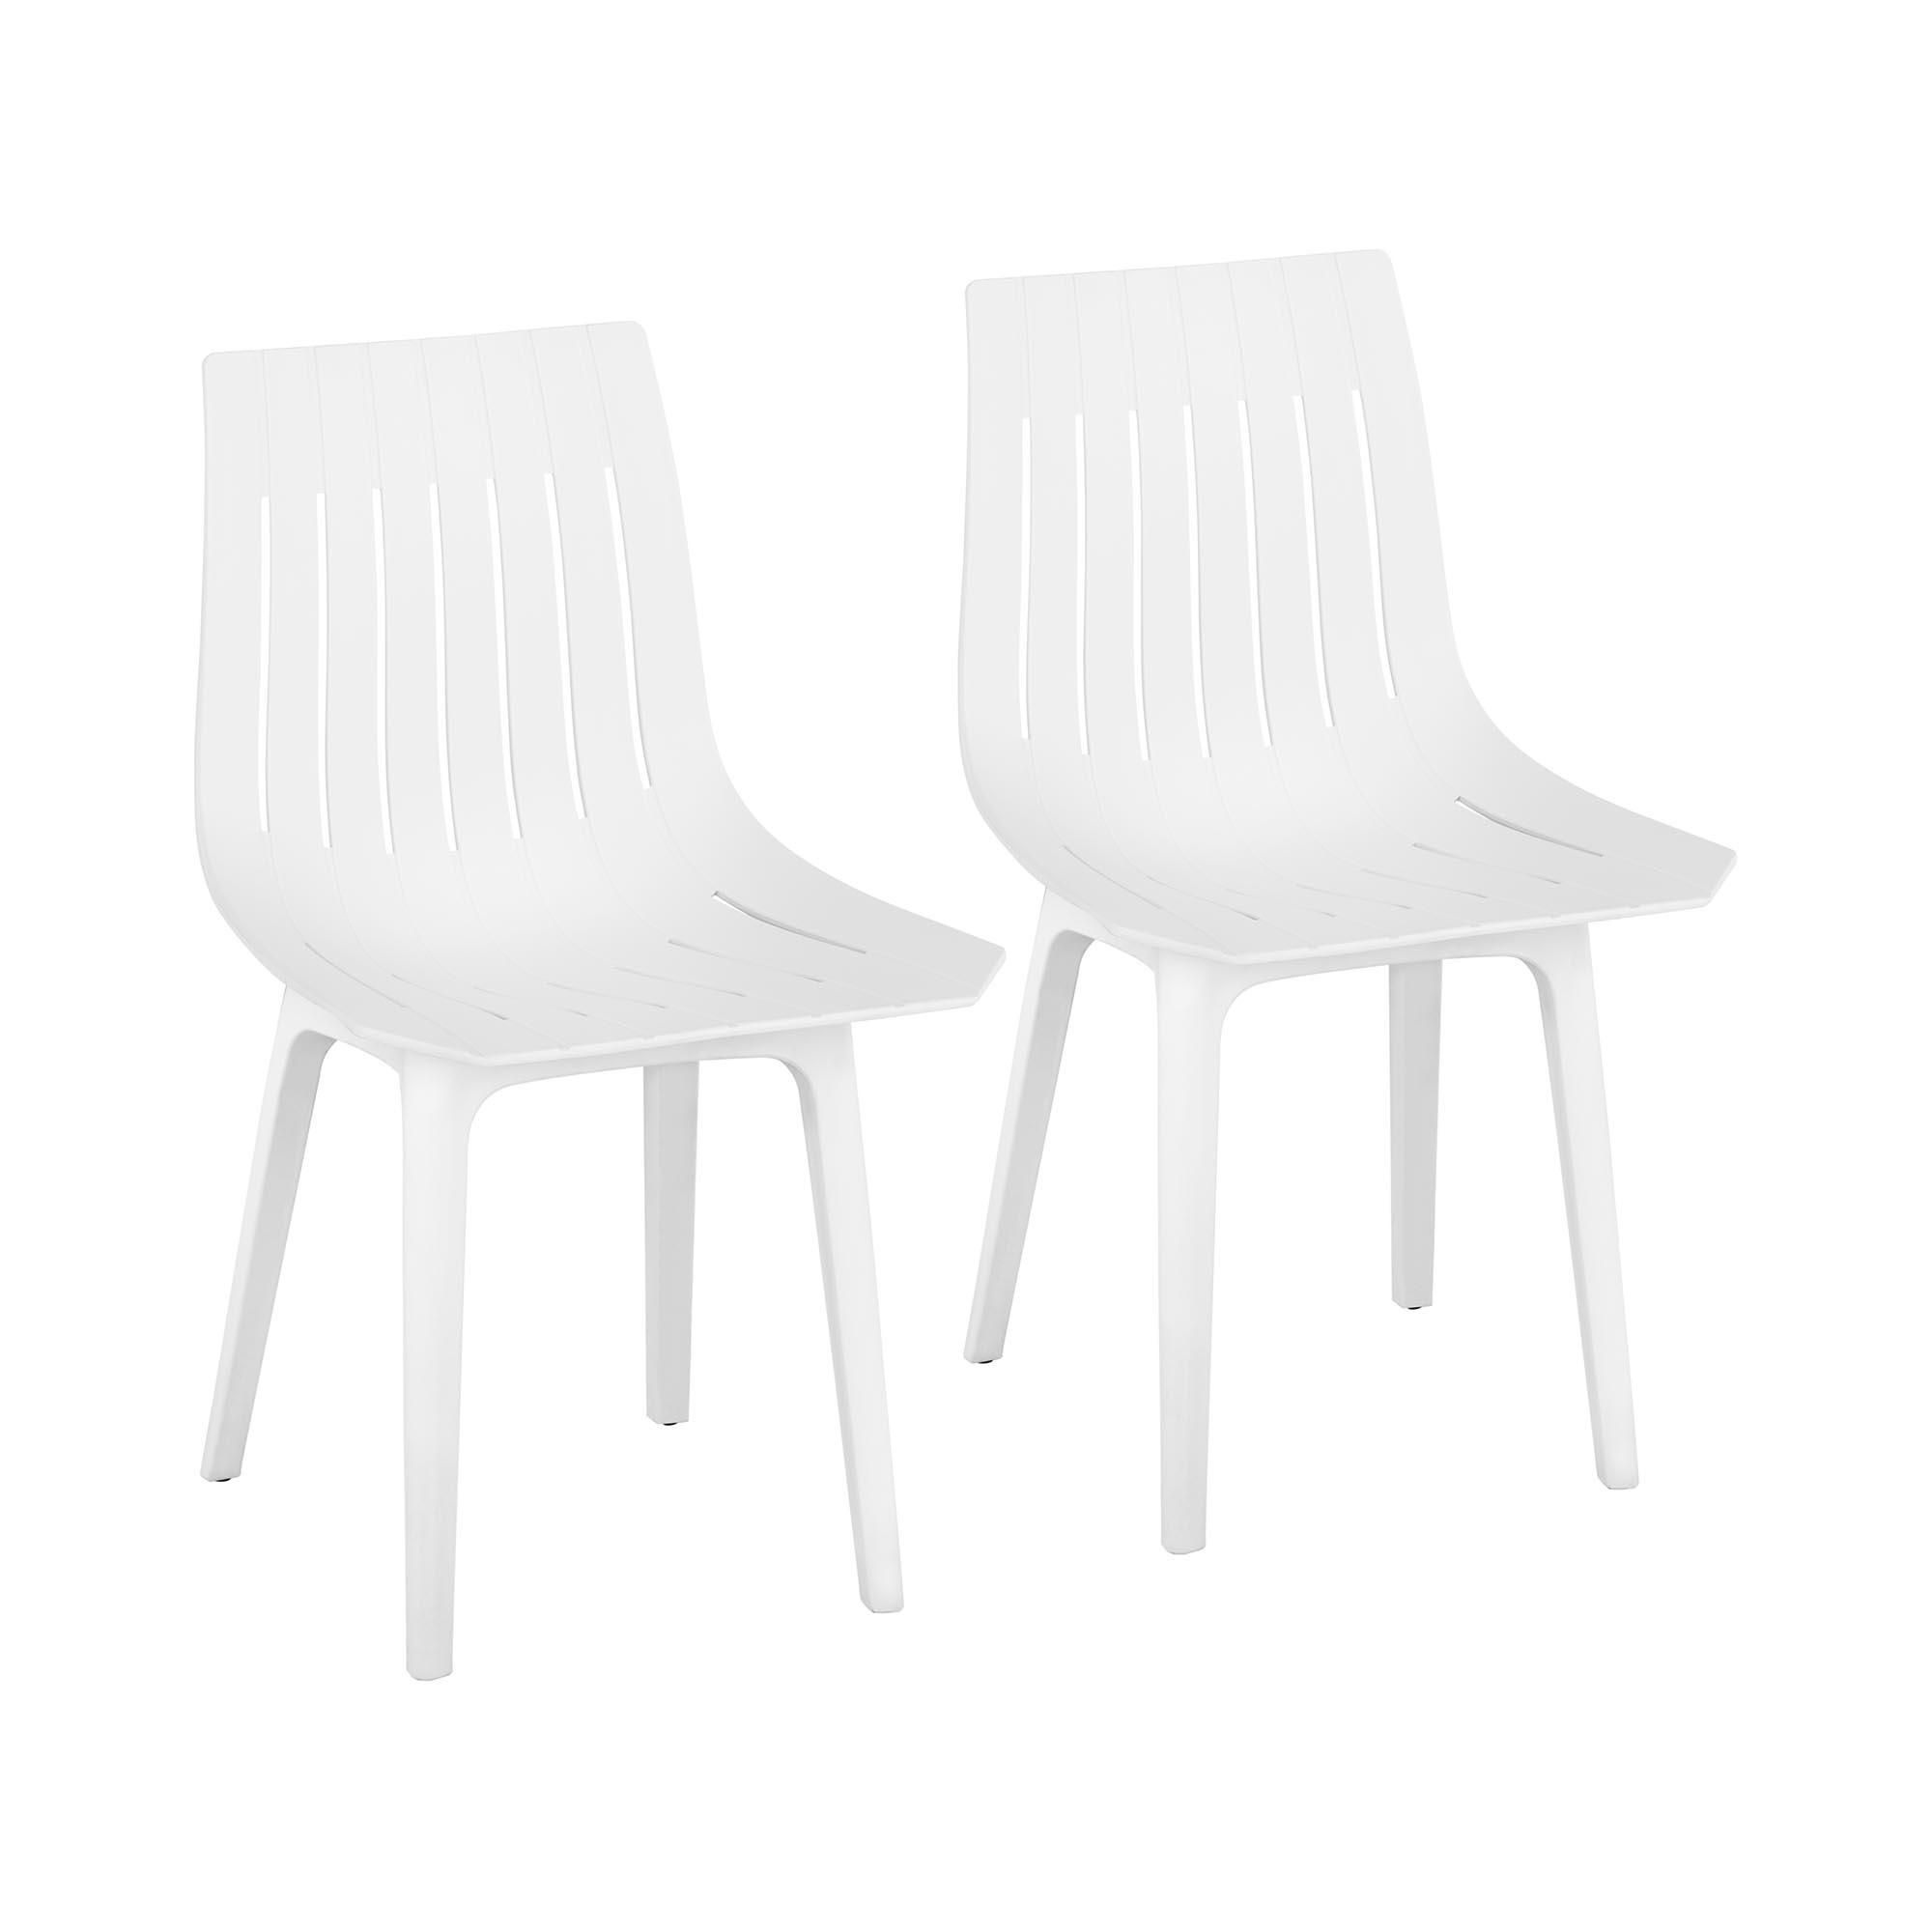 Fromm & Starck Stuhl - 2er Set - bis 150 kg - Sitzfläche 47 x 42 cm - weiß STAR_SEAT_07